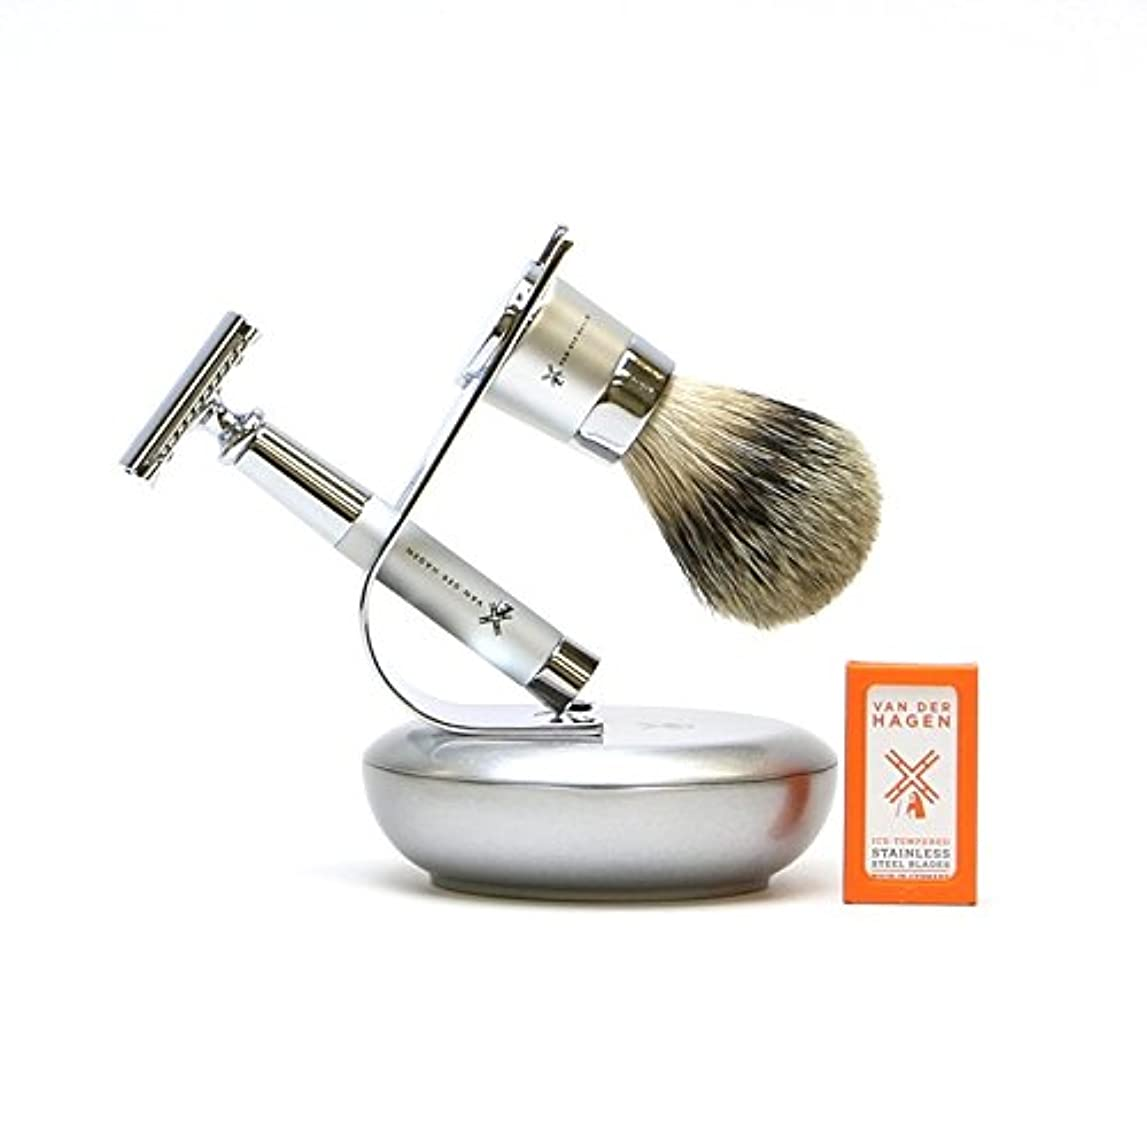 ソーセージ瞑想クレーターVANDERHAGEN(米) ウェットシェービングセット ジェットセット 両刃 髭剃り 替刃5枚付